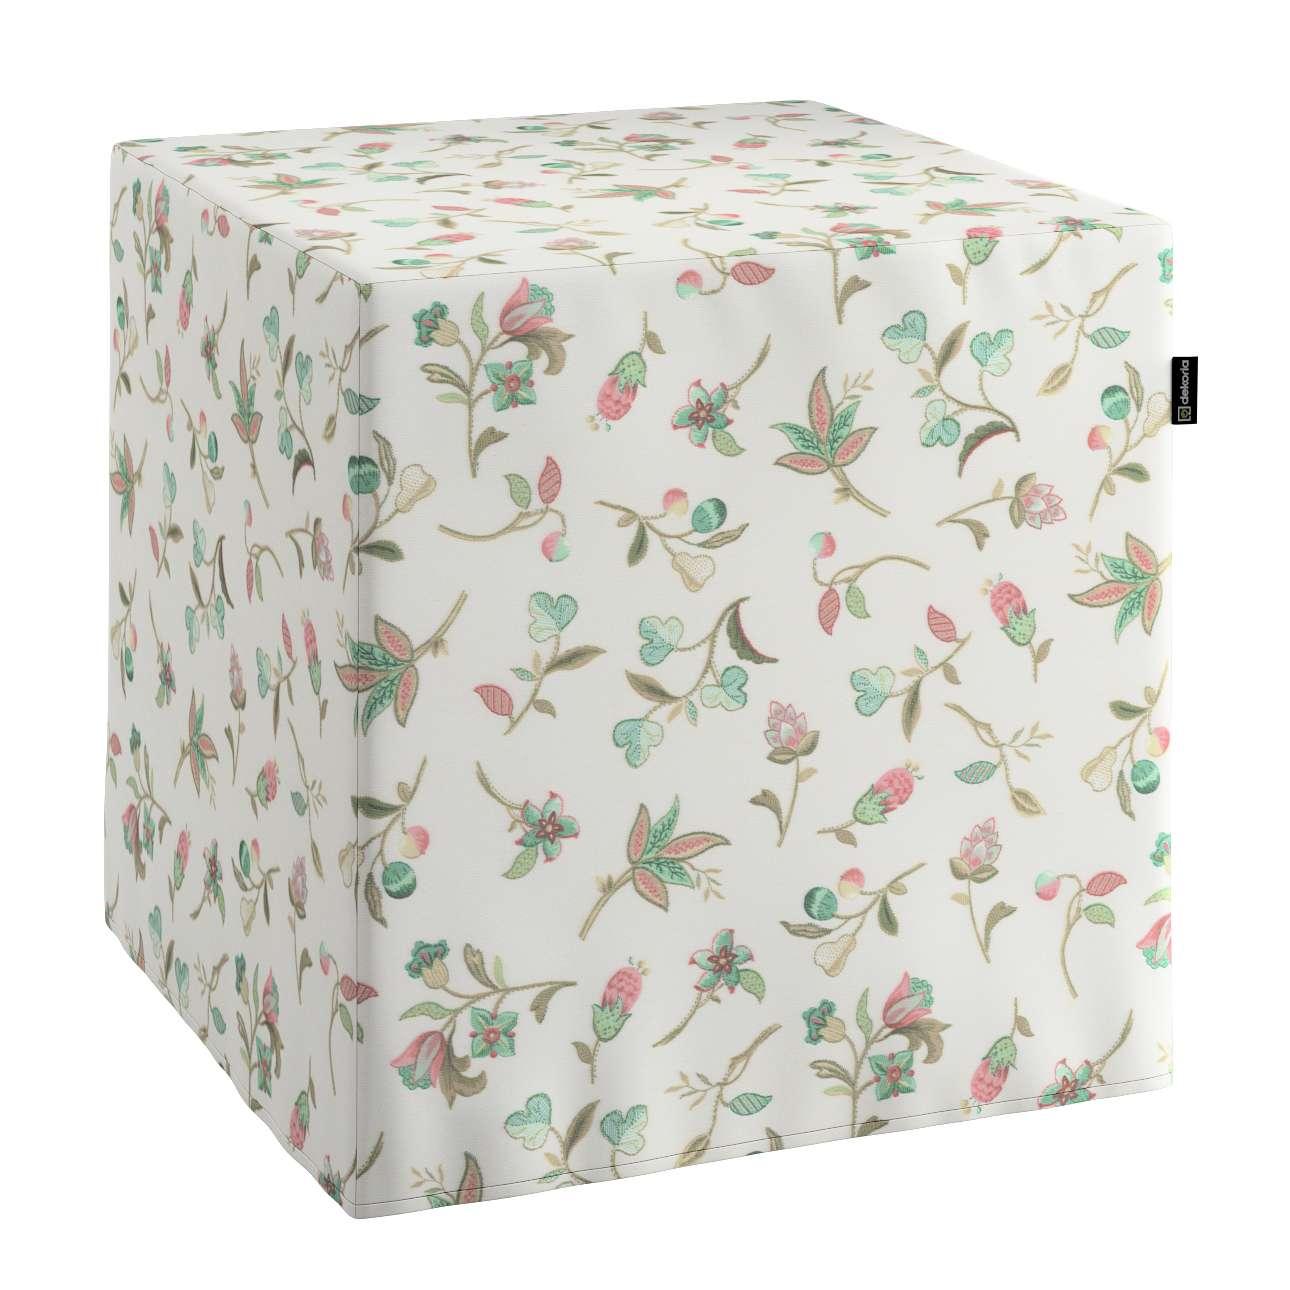 Sitzwürfel, ecru, 40 × 40 × 40 cm, Londres   Wohnzimmer > Hocker & Poufs > Sitzwürfel   Dekoria